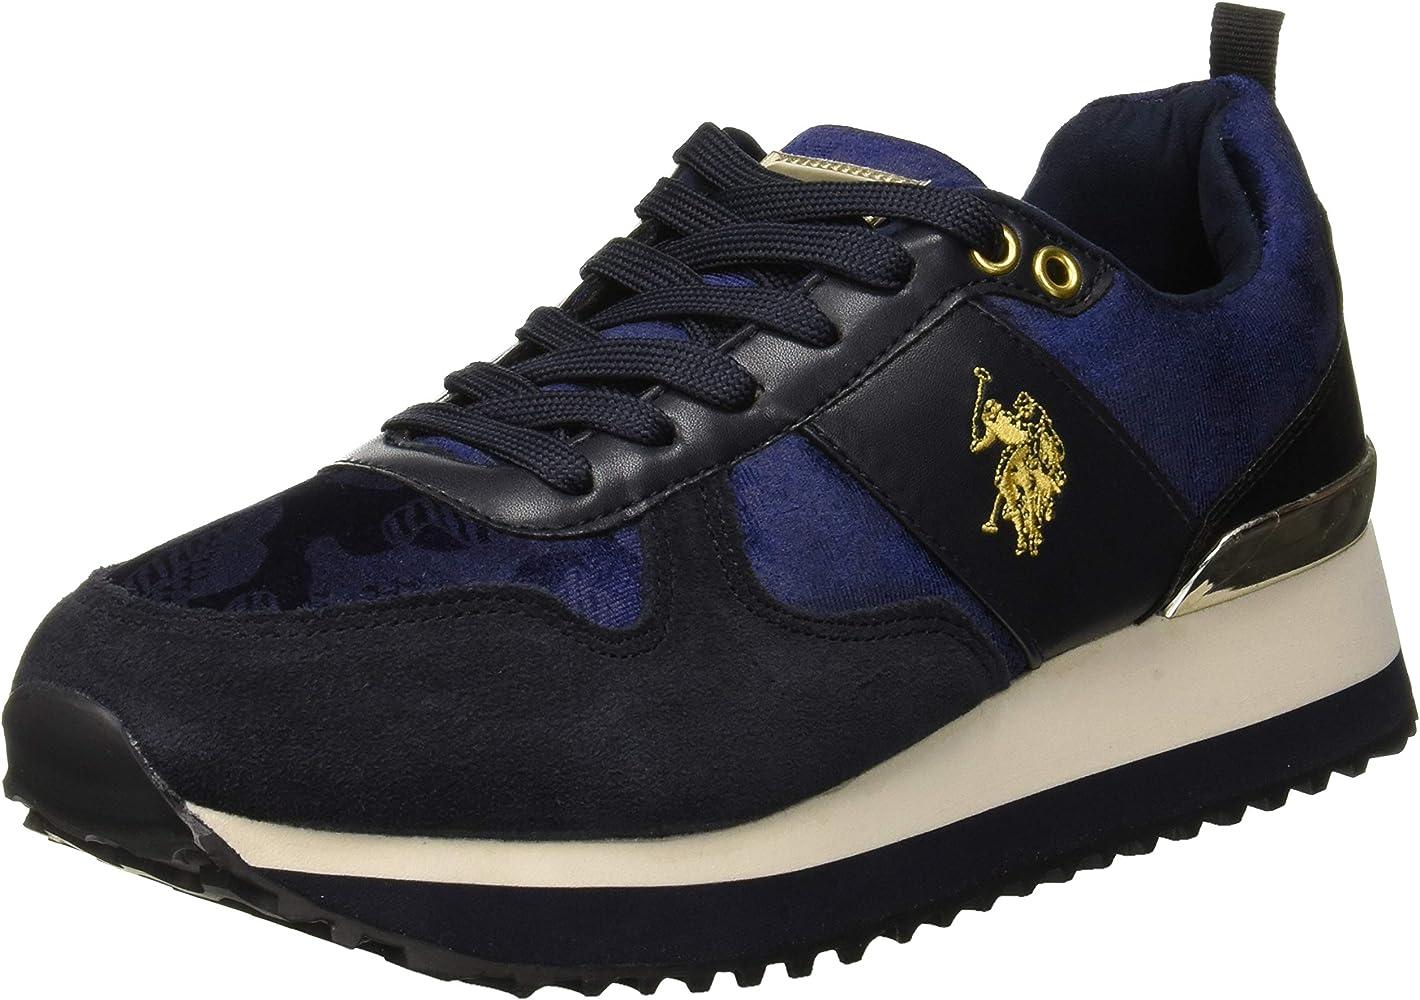 U.S.POLO ASSN. TABITHA1 Velvet, Zapatillas para Mujer, Azul (Dark ...